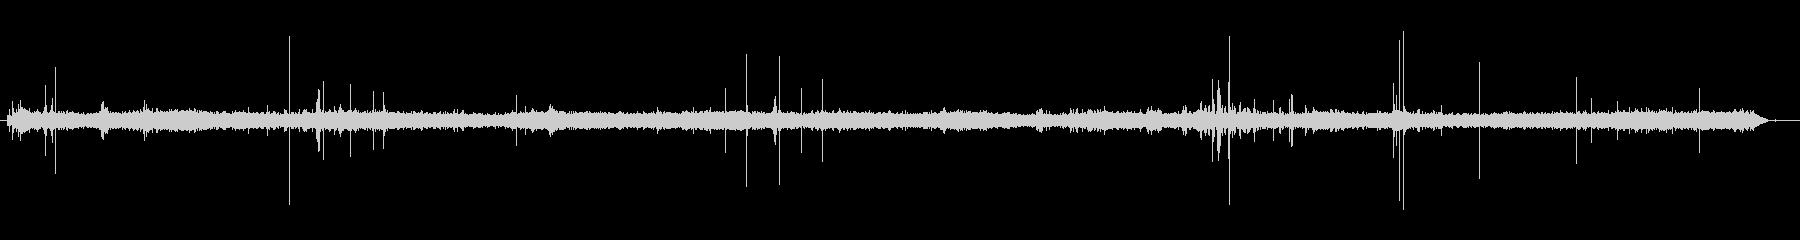 スチームアイロンスプレーアイロンの未再生の波形